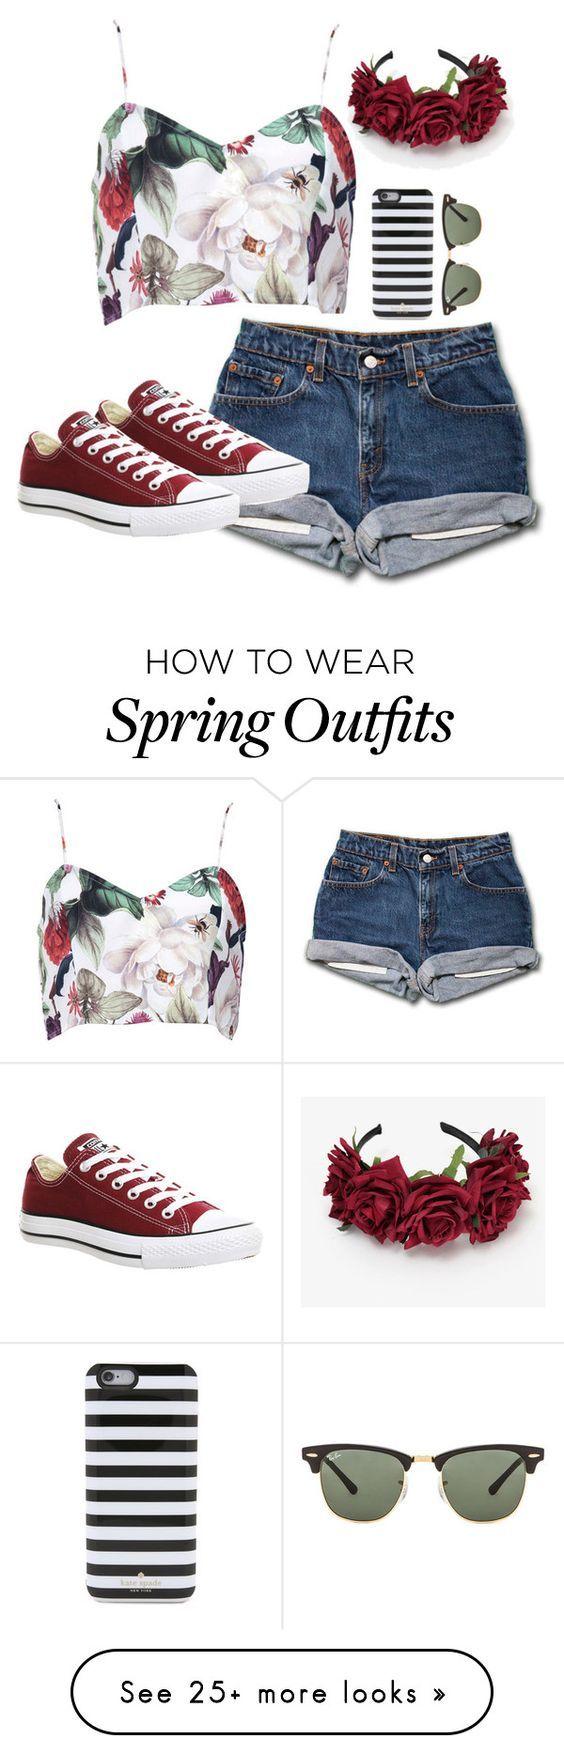 Fashionthestyle | Ultimi consigli di moda e idee di outfit – 27 idee di abiti carini